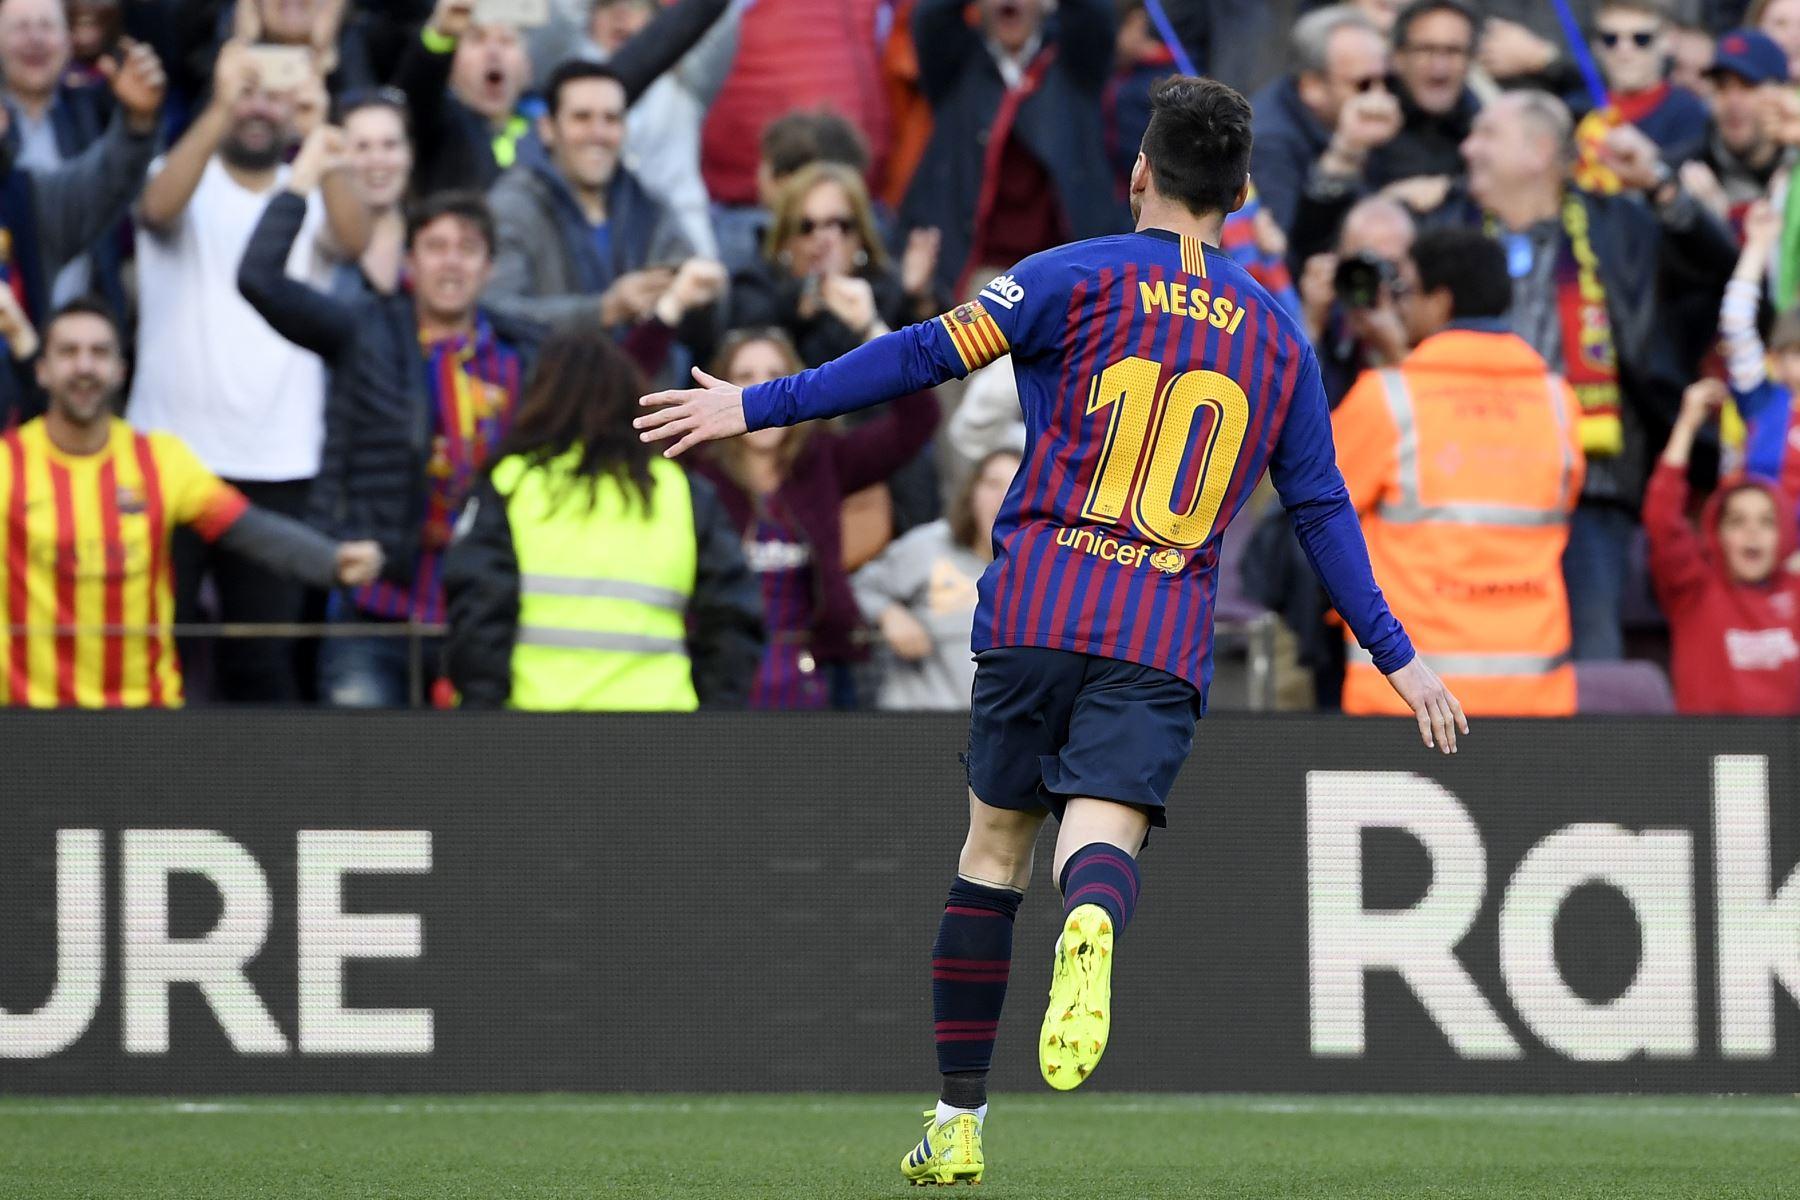 El delantero argentino de Barcelona, Lionel Messi, celebra después de marcar un gol durante el partido de fútbol de la liga española entre el FC Barcelona y el RCD Espanyol.foto:AFP